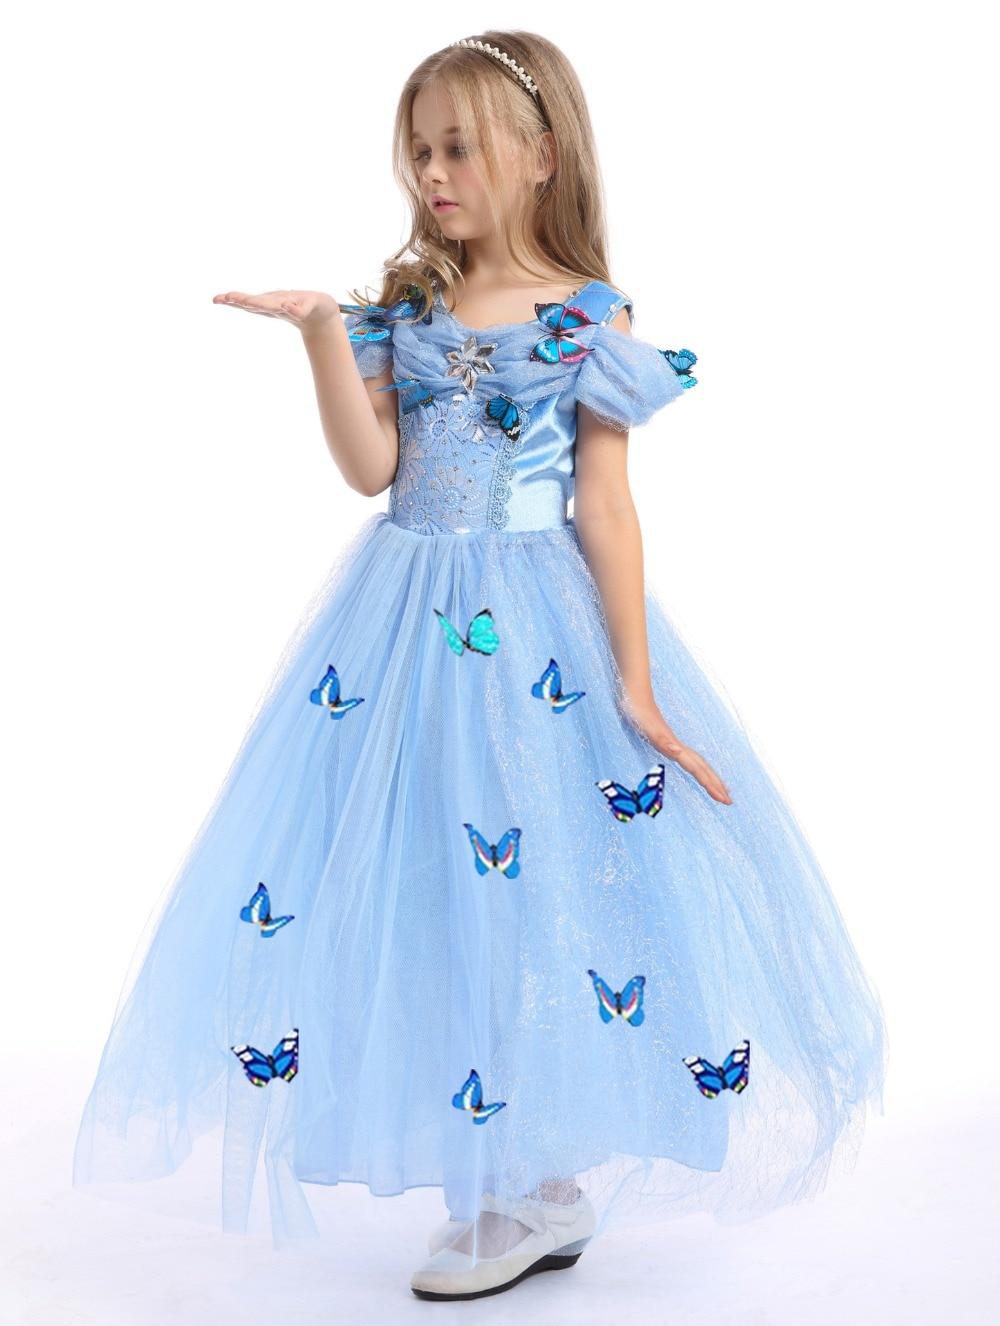 Ziemlich Disney Hochzeiten Kleider Bilder - Brautkleider Ideen ...